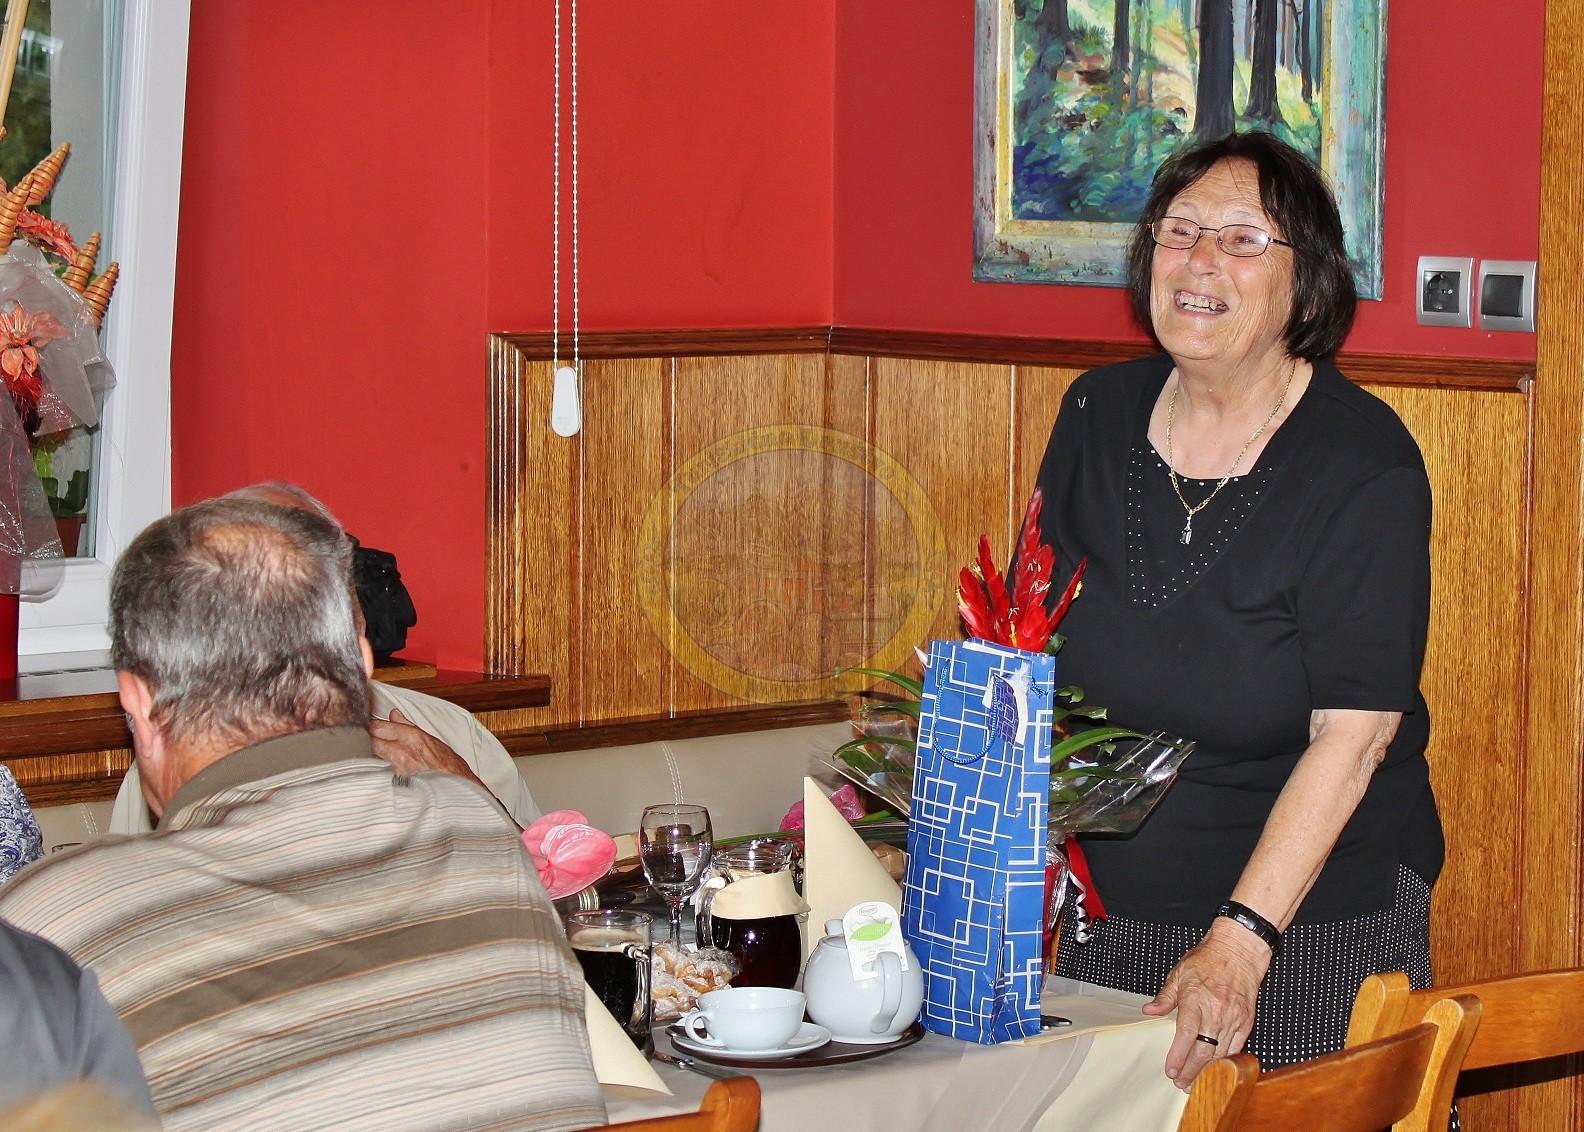 Mara je bila prisrčno vesela skromnih daril.